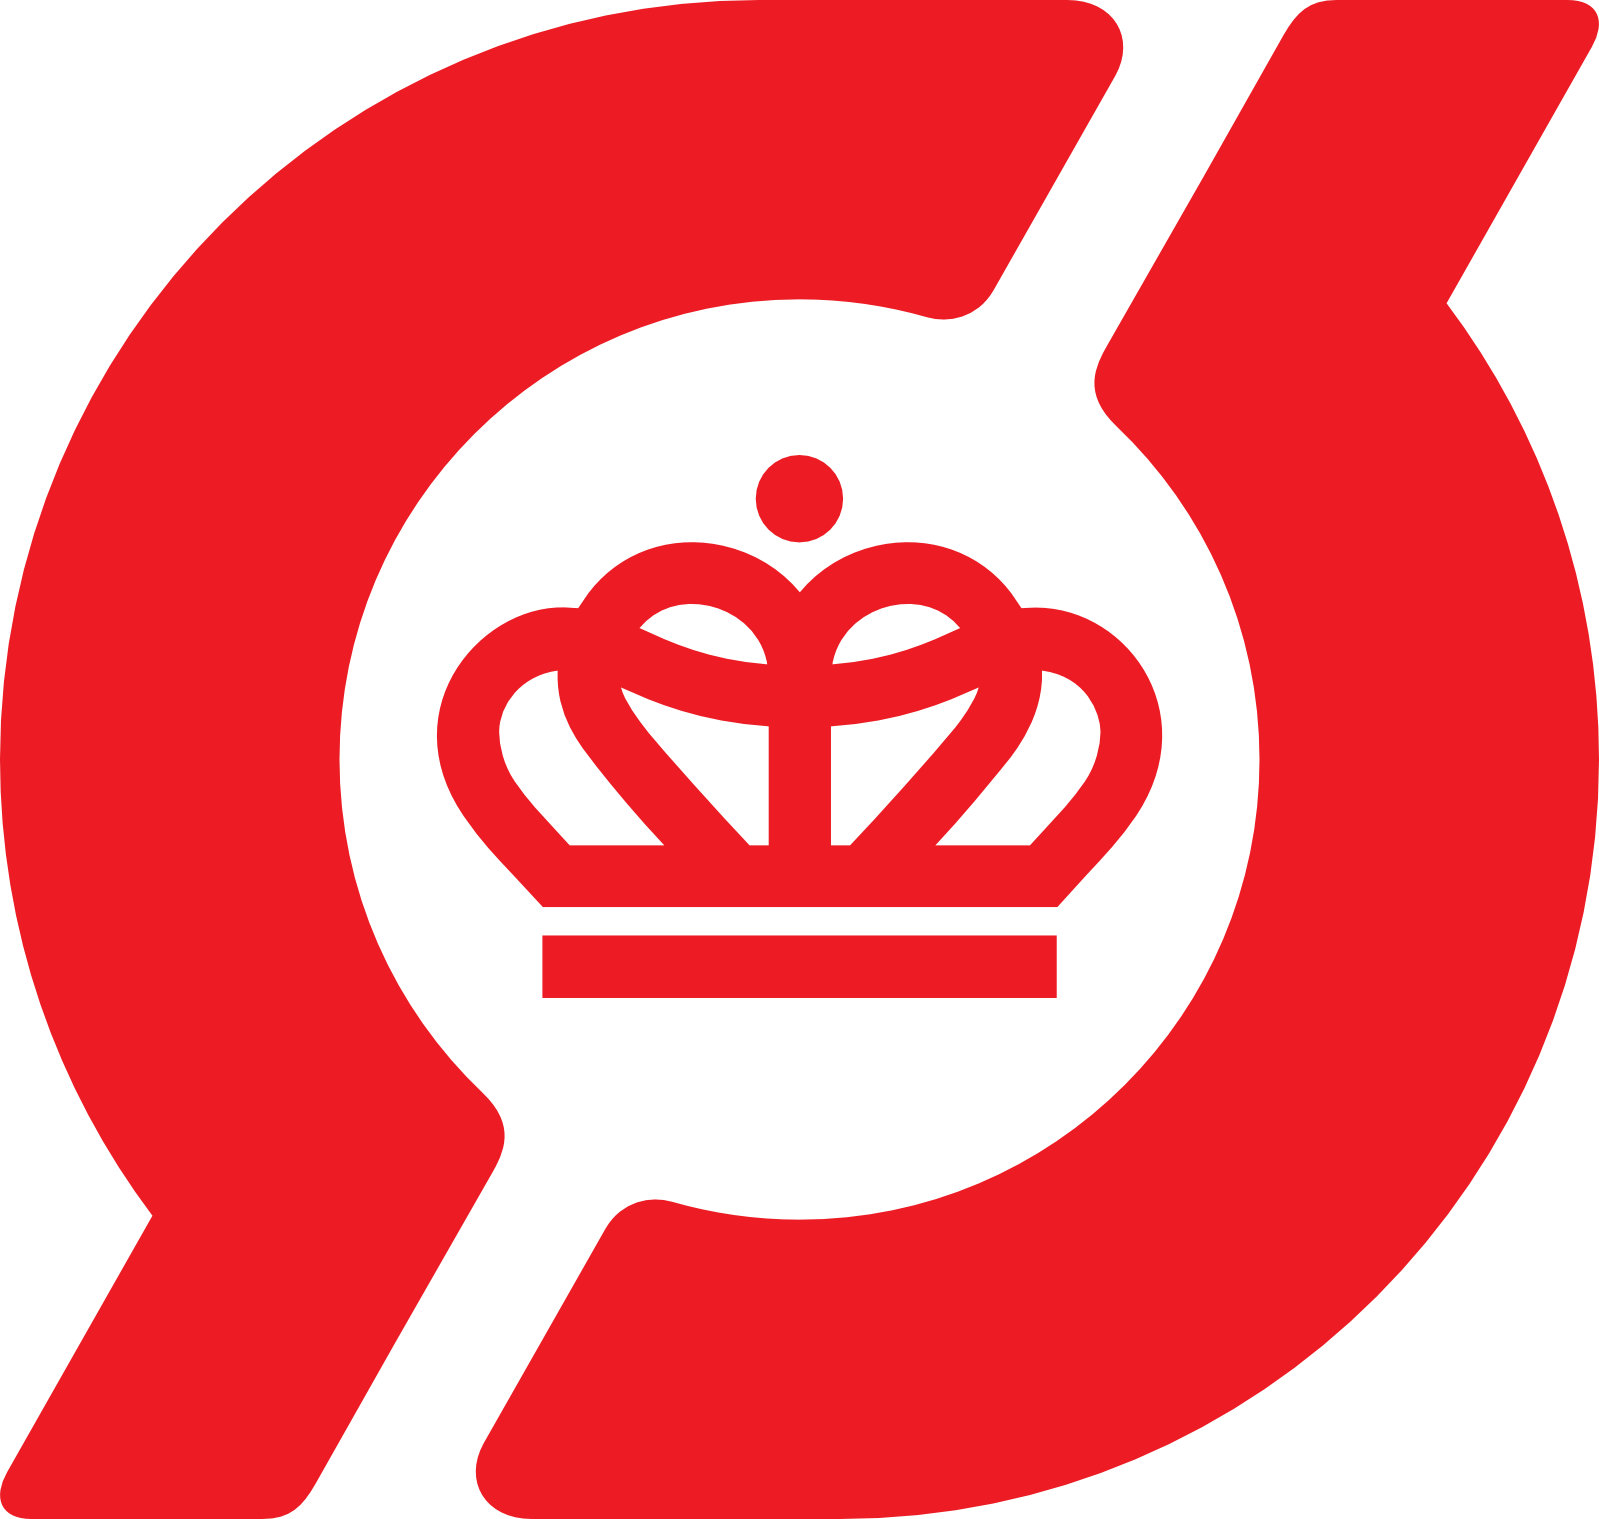 Statskontrolleret økologisk logo